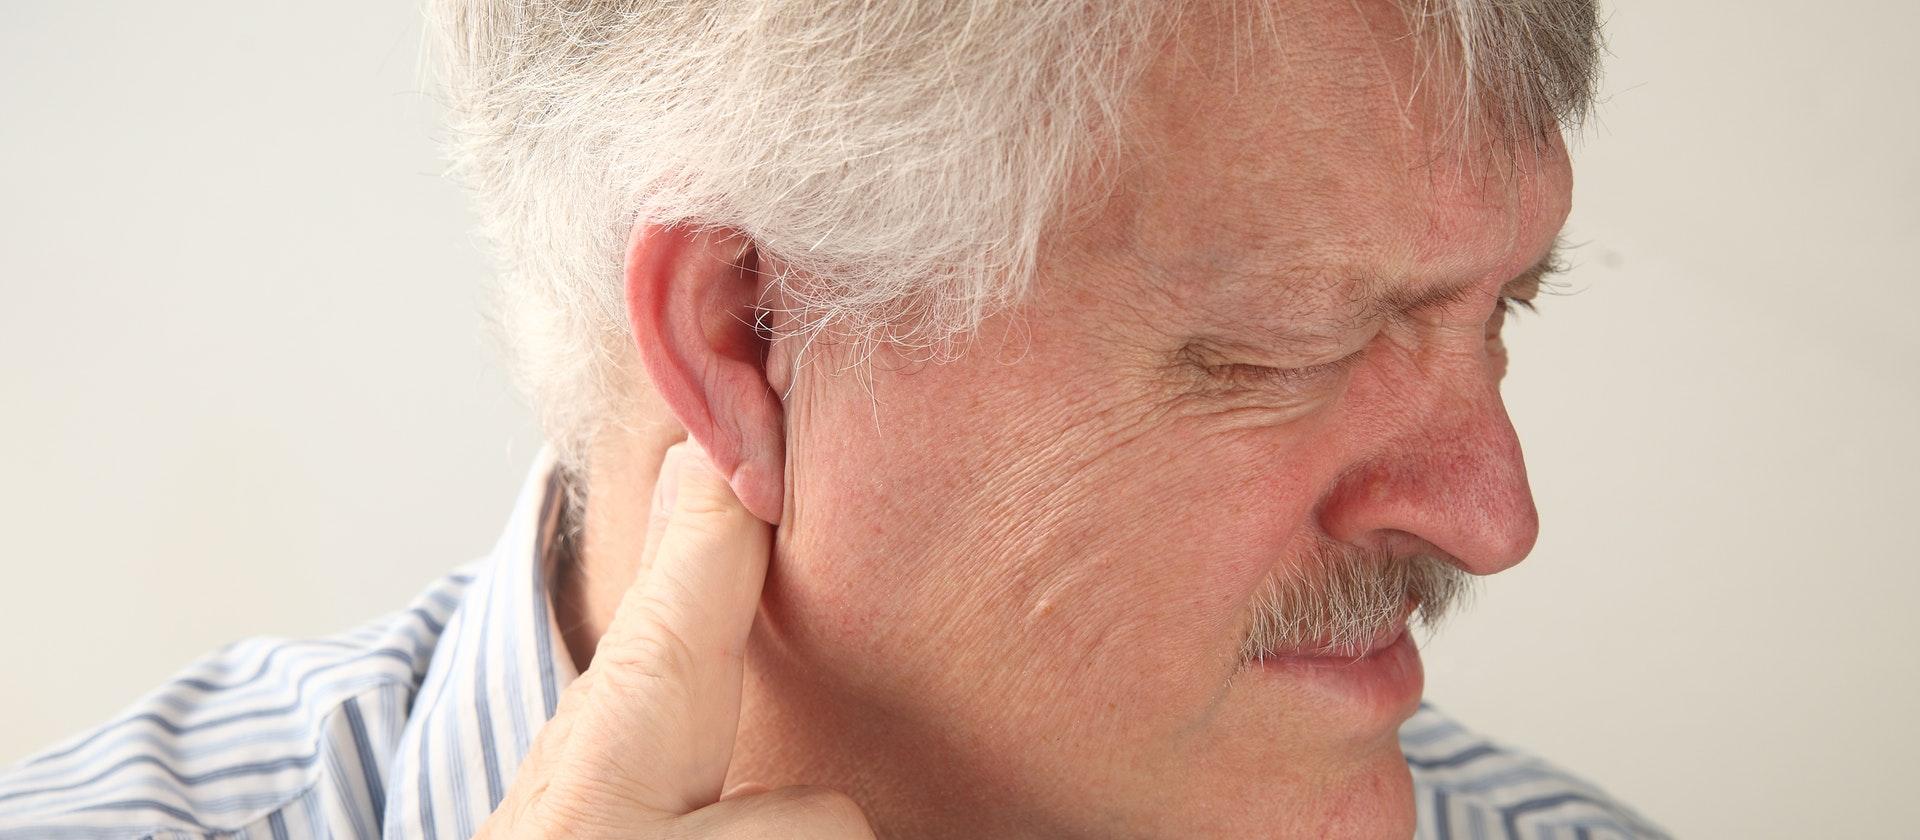 cục hạch sau tai